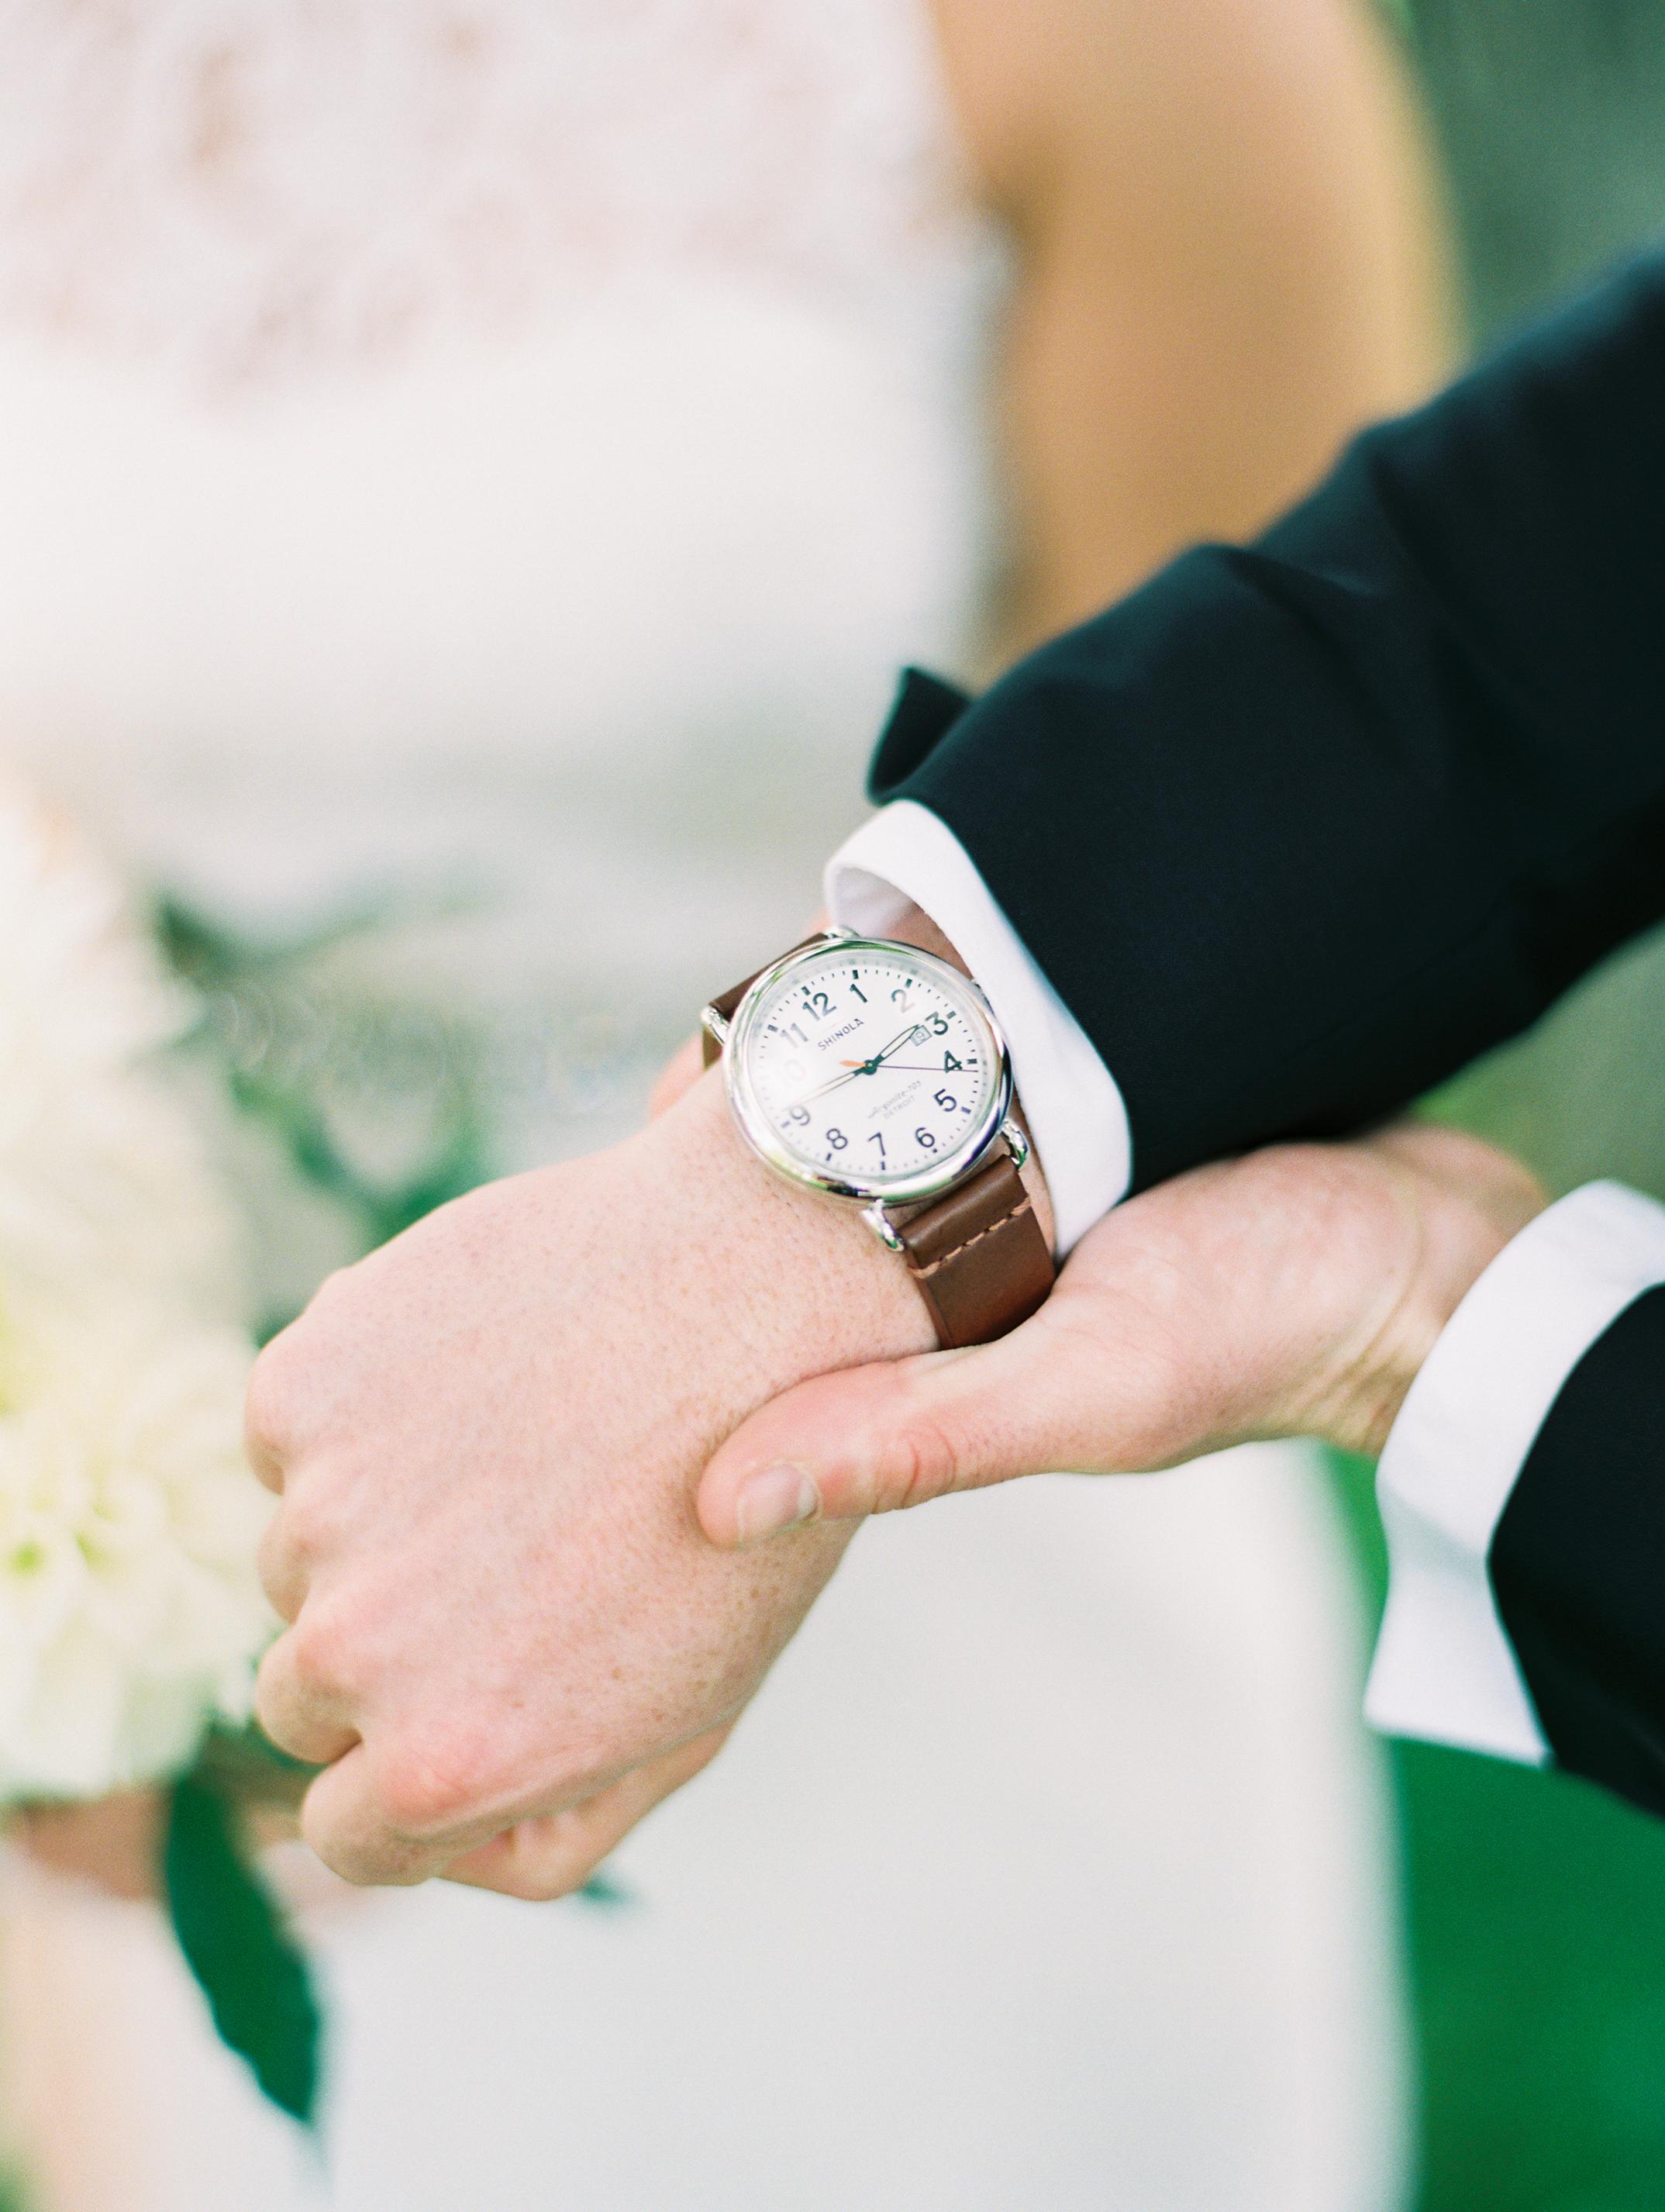 Zoller+Wedding+First+Look-44.jpg